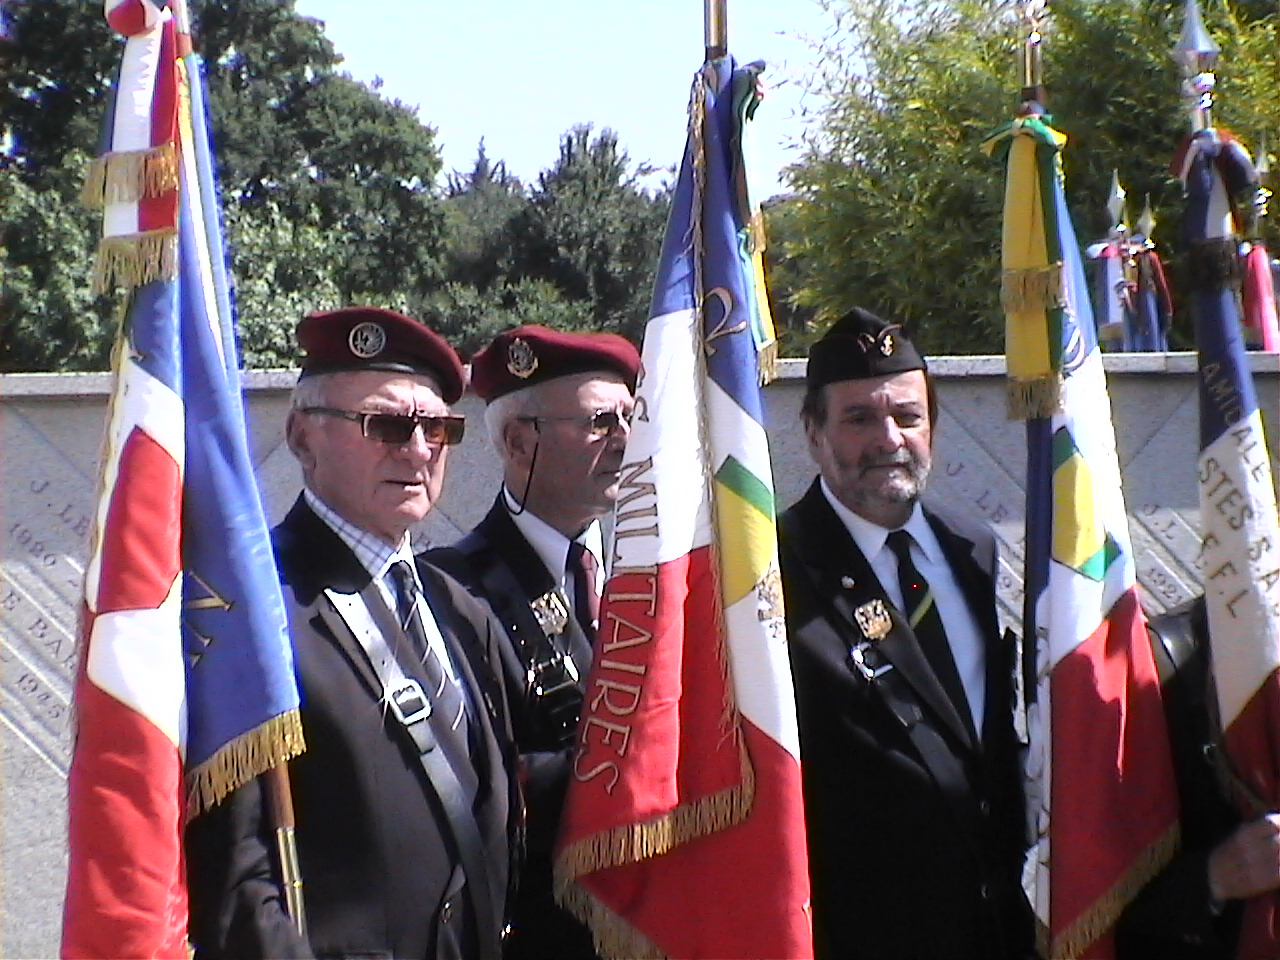 Cérémonie en hommage au Général BIGEARD au mémorial de Lauzach (56) 578575DVC02520